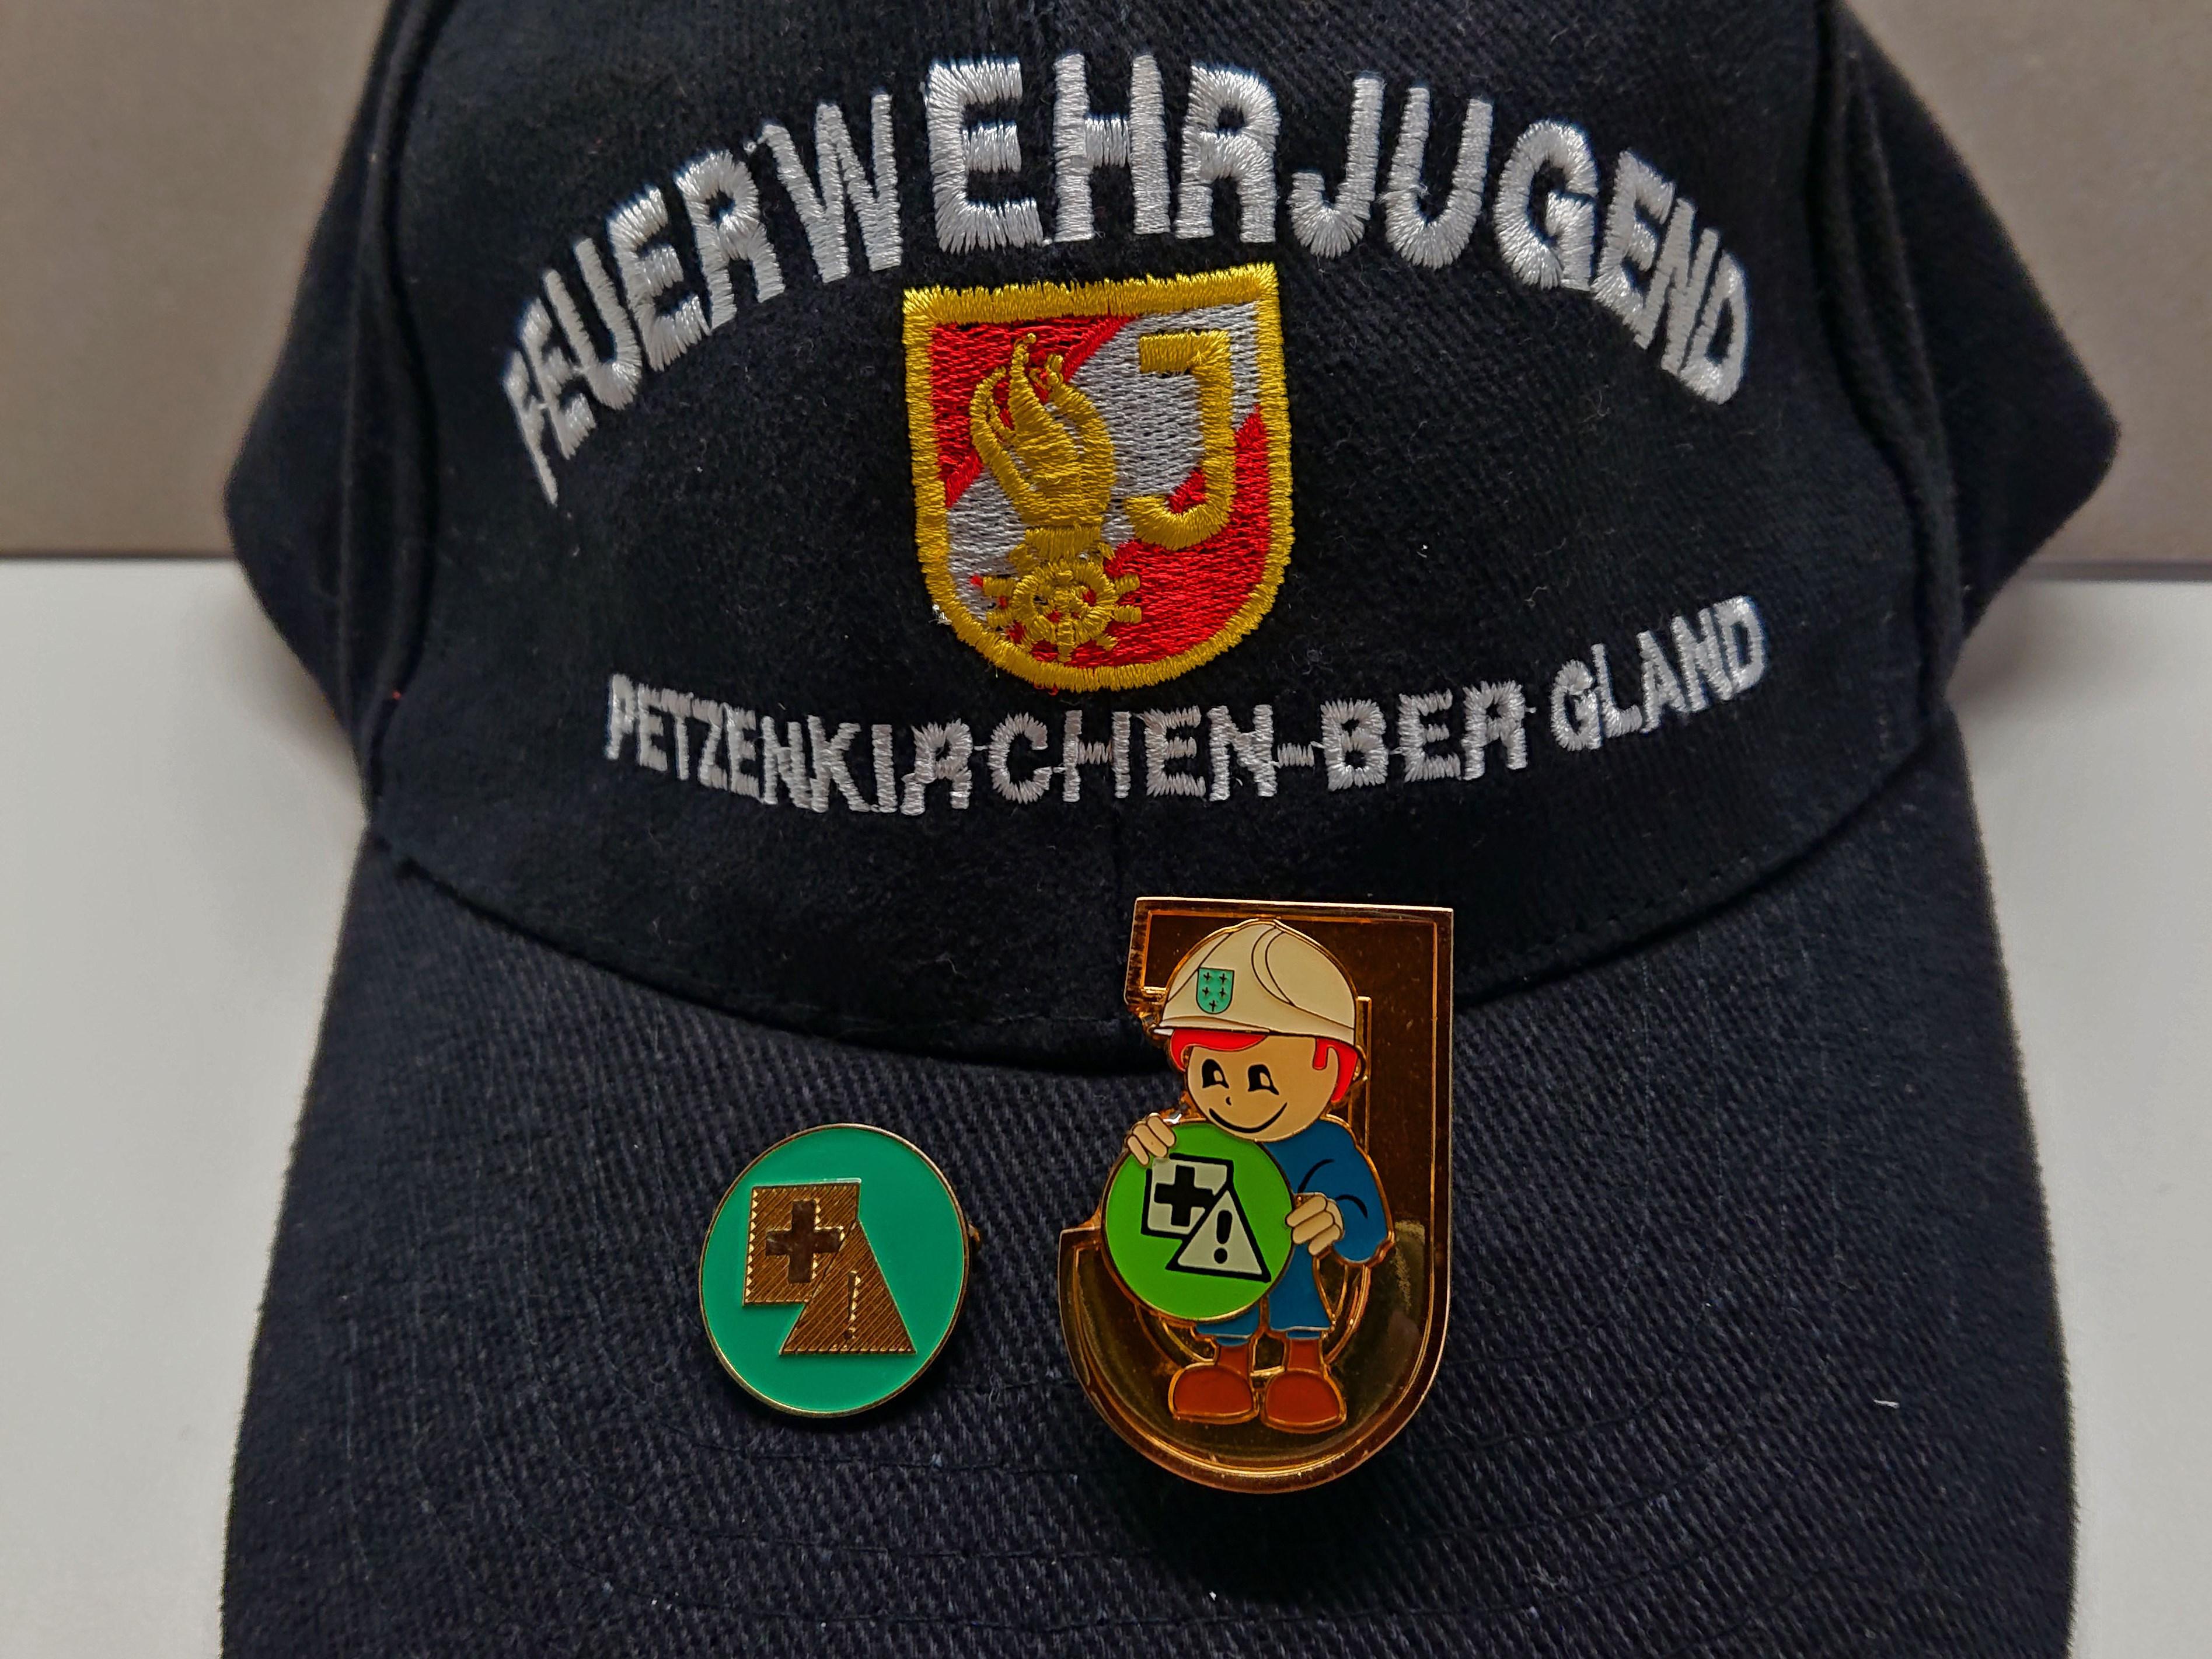 """Weiße Fahne bei """"Feuerwehrsicherheit und Erste Hilfe"""""""